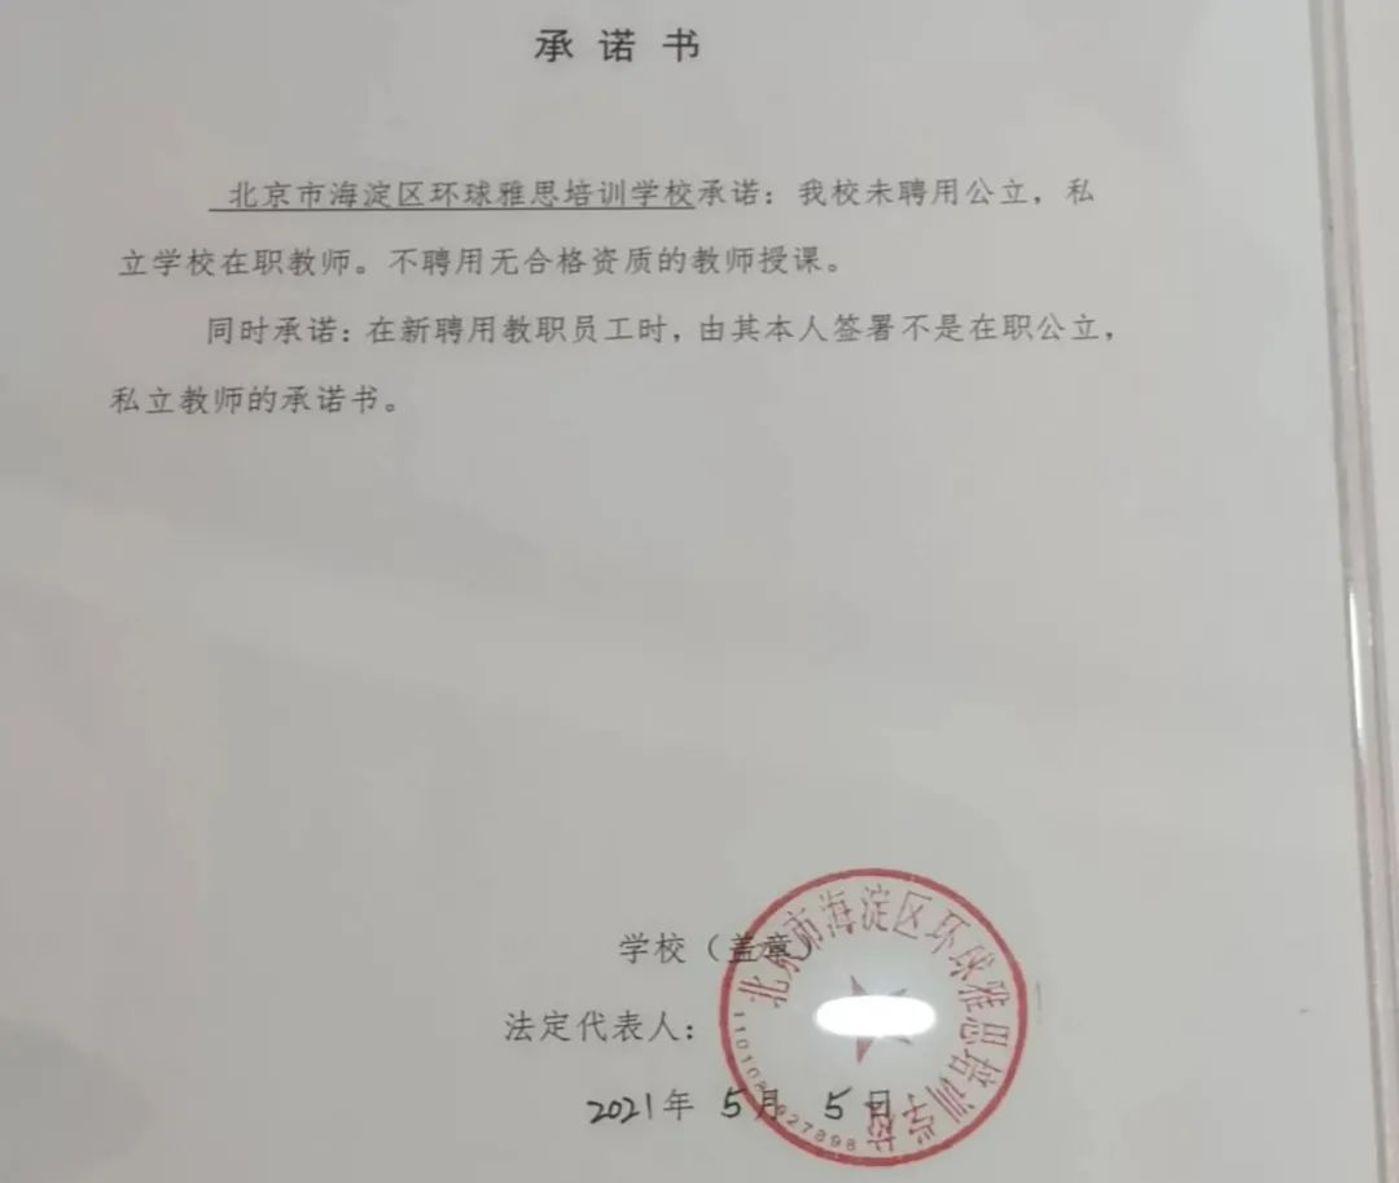 北京市海淀区环球雅思培训学校承诺书